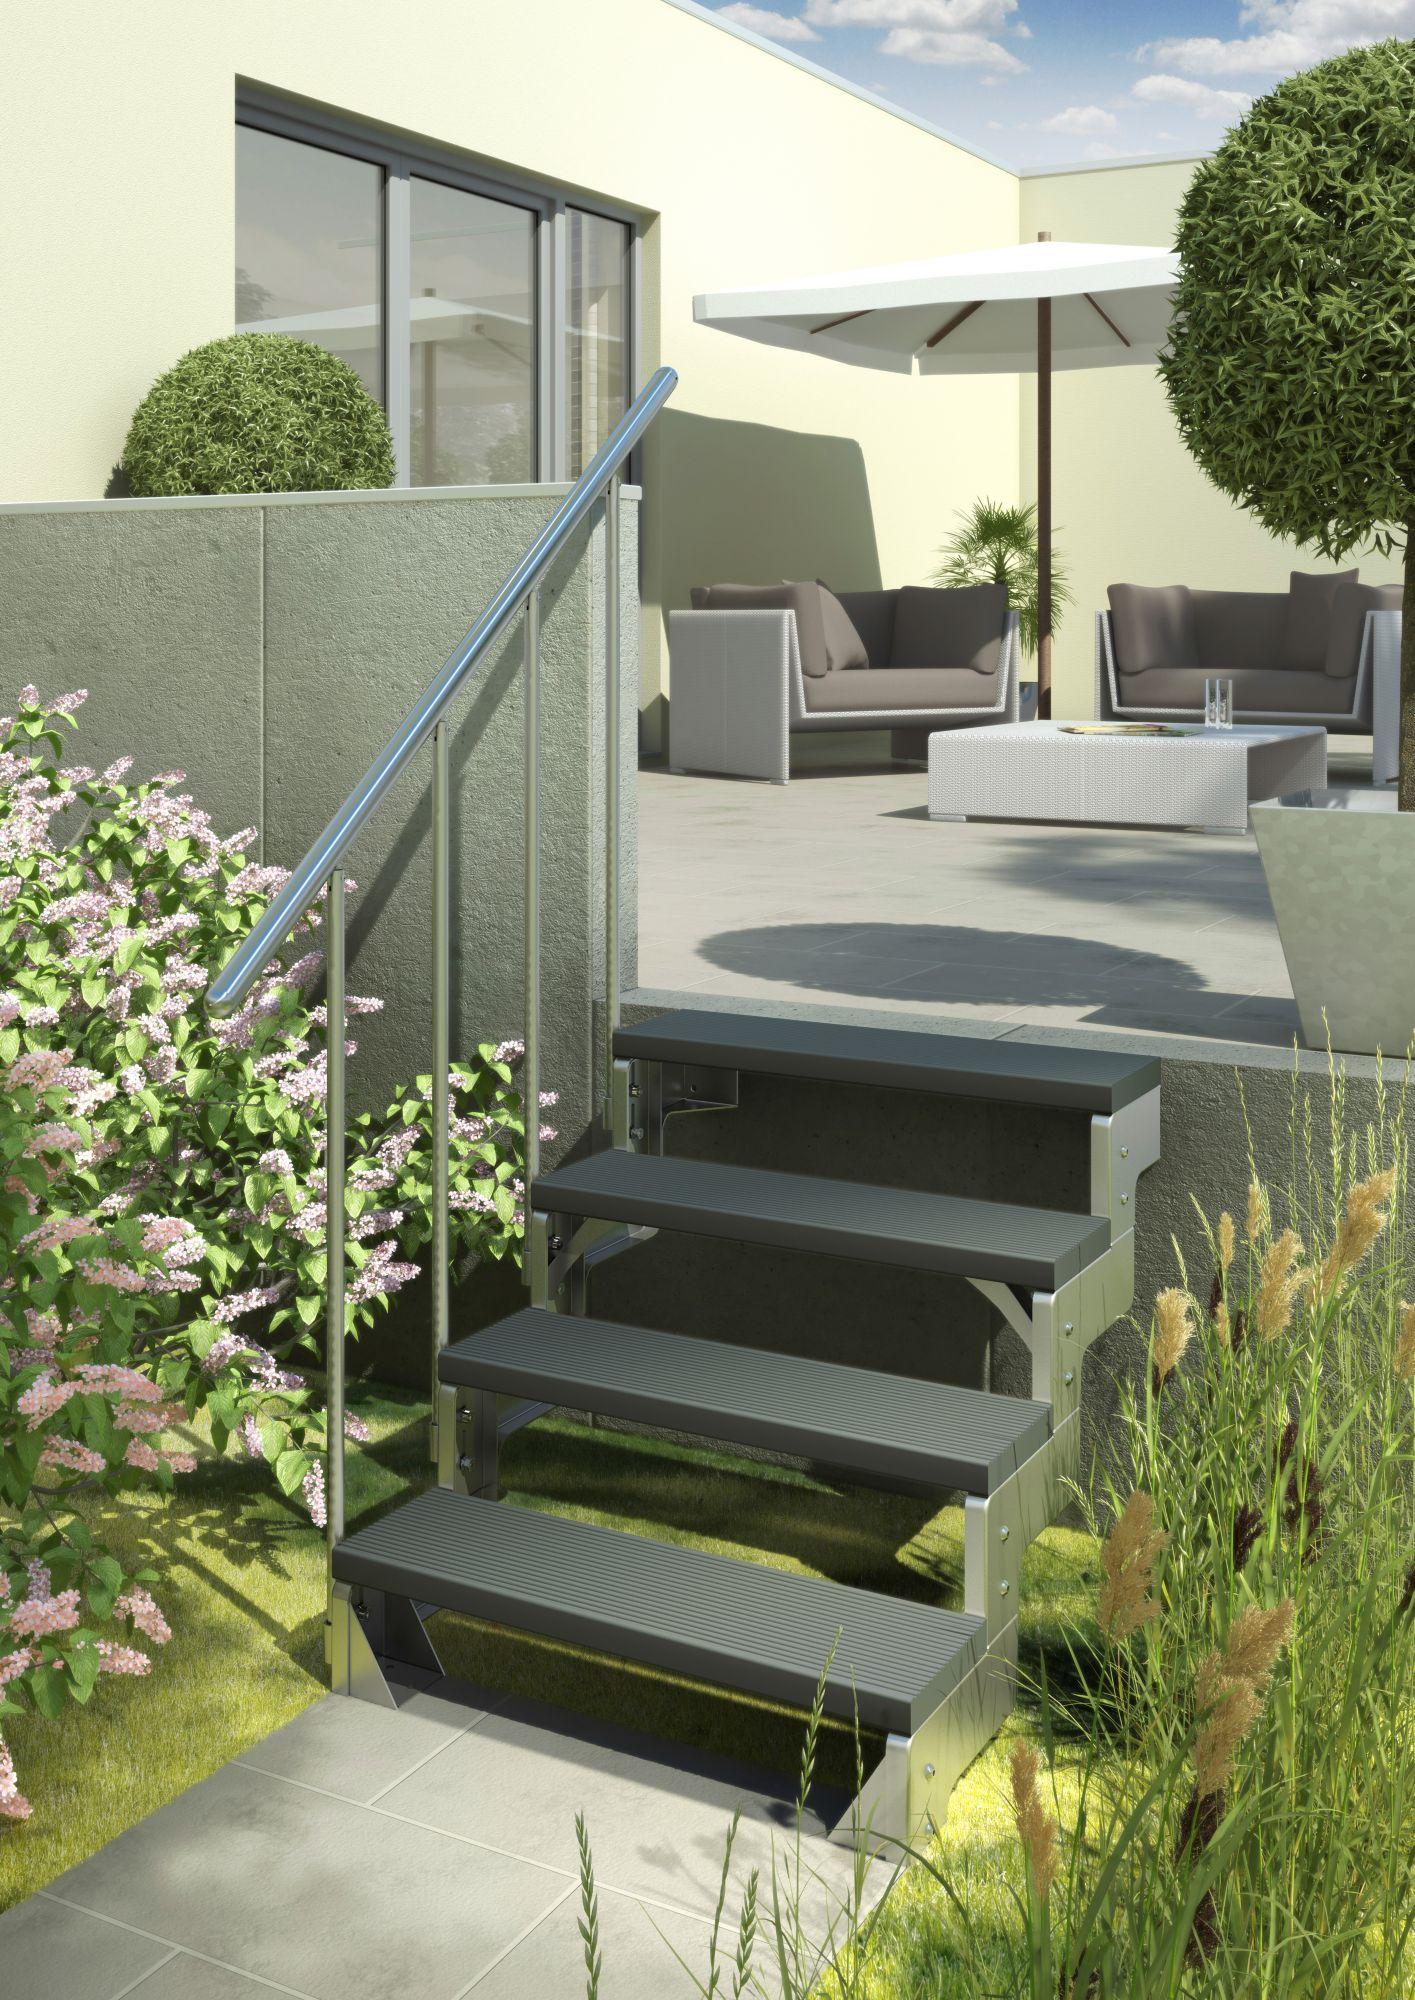 DOLLE Dolle Außentreppe »Gardentop«